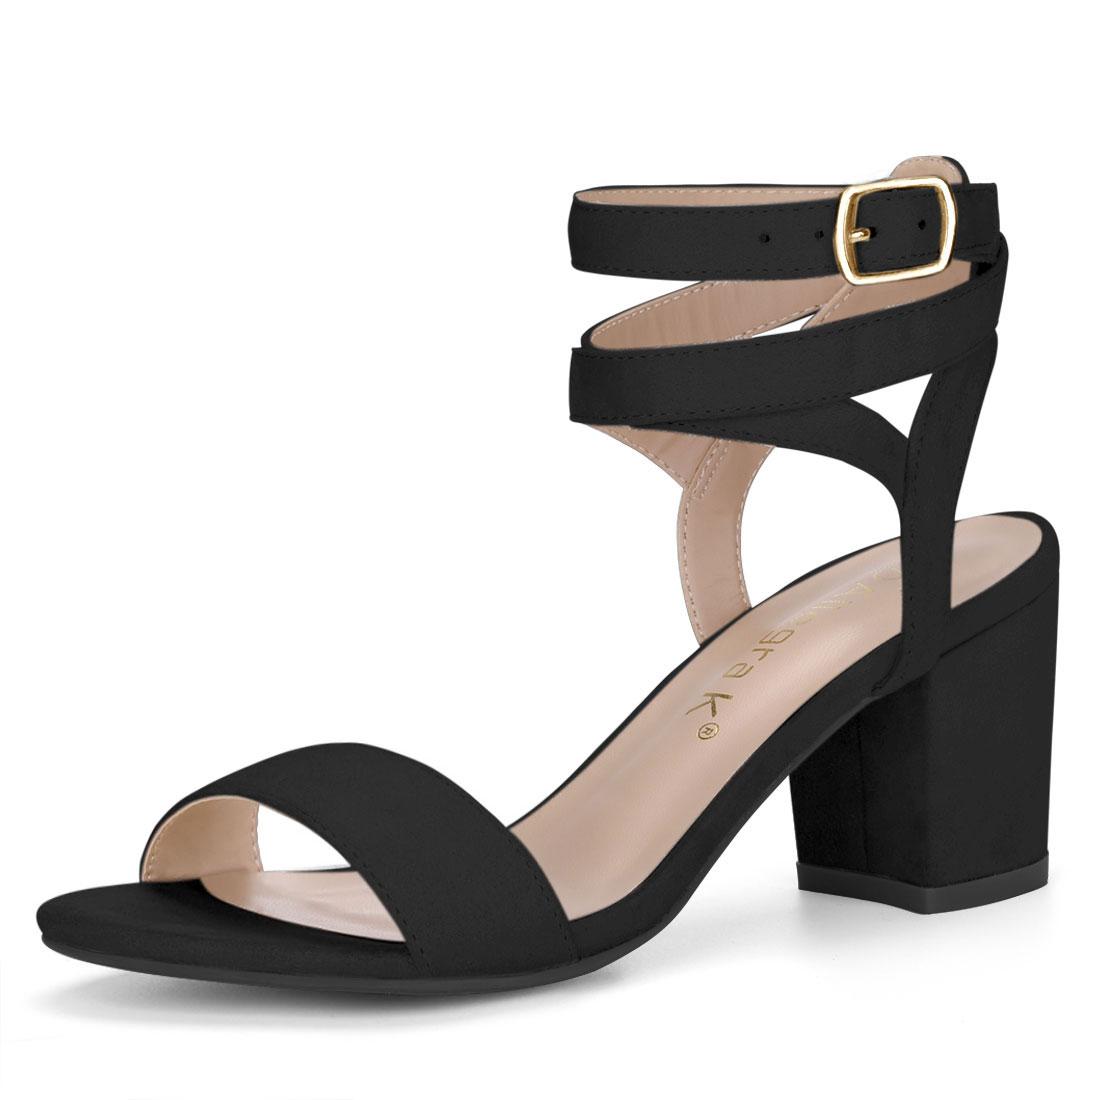 Allegra K Women's Block Heels Double Ankle Straps Sandals BlackUS 10